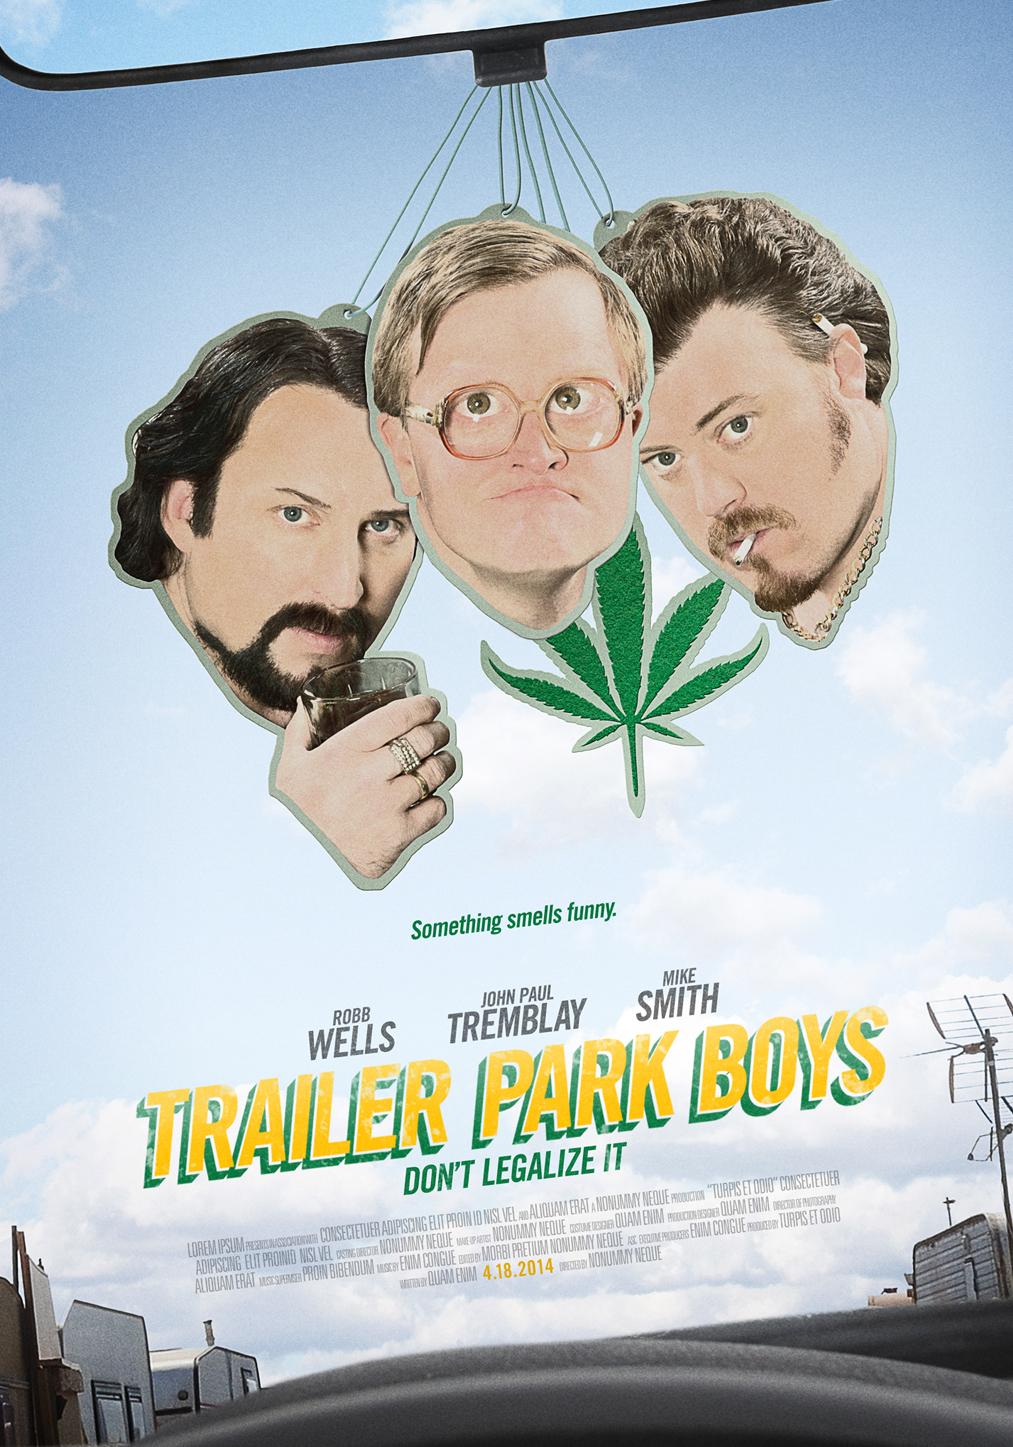 trailer_park_boys_3_ver1_xlg